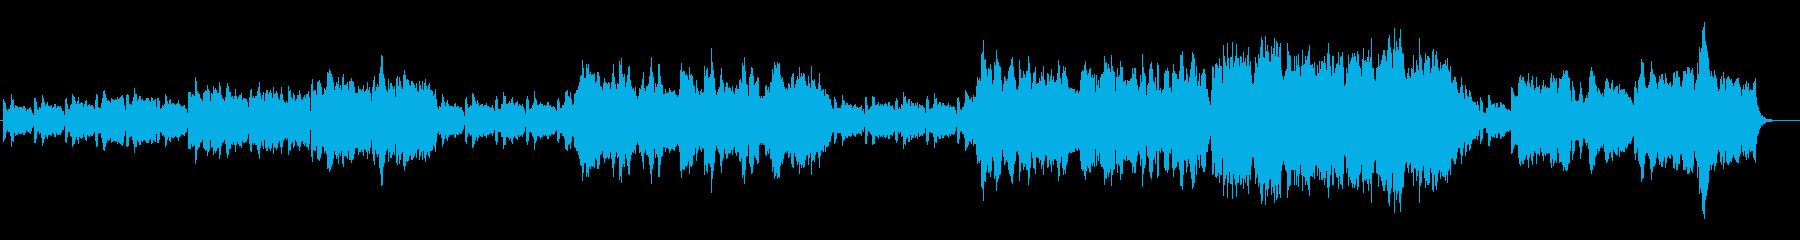 爽やかで前向きなオーケストラ、シンセの再生済みの波形